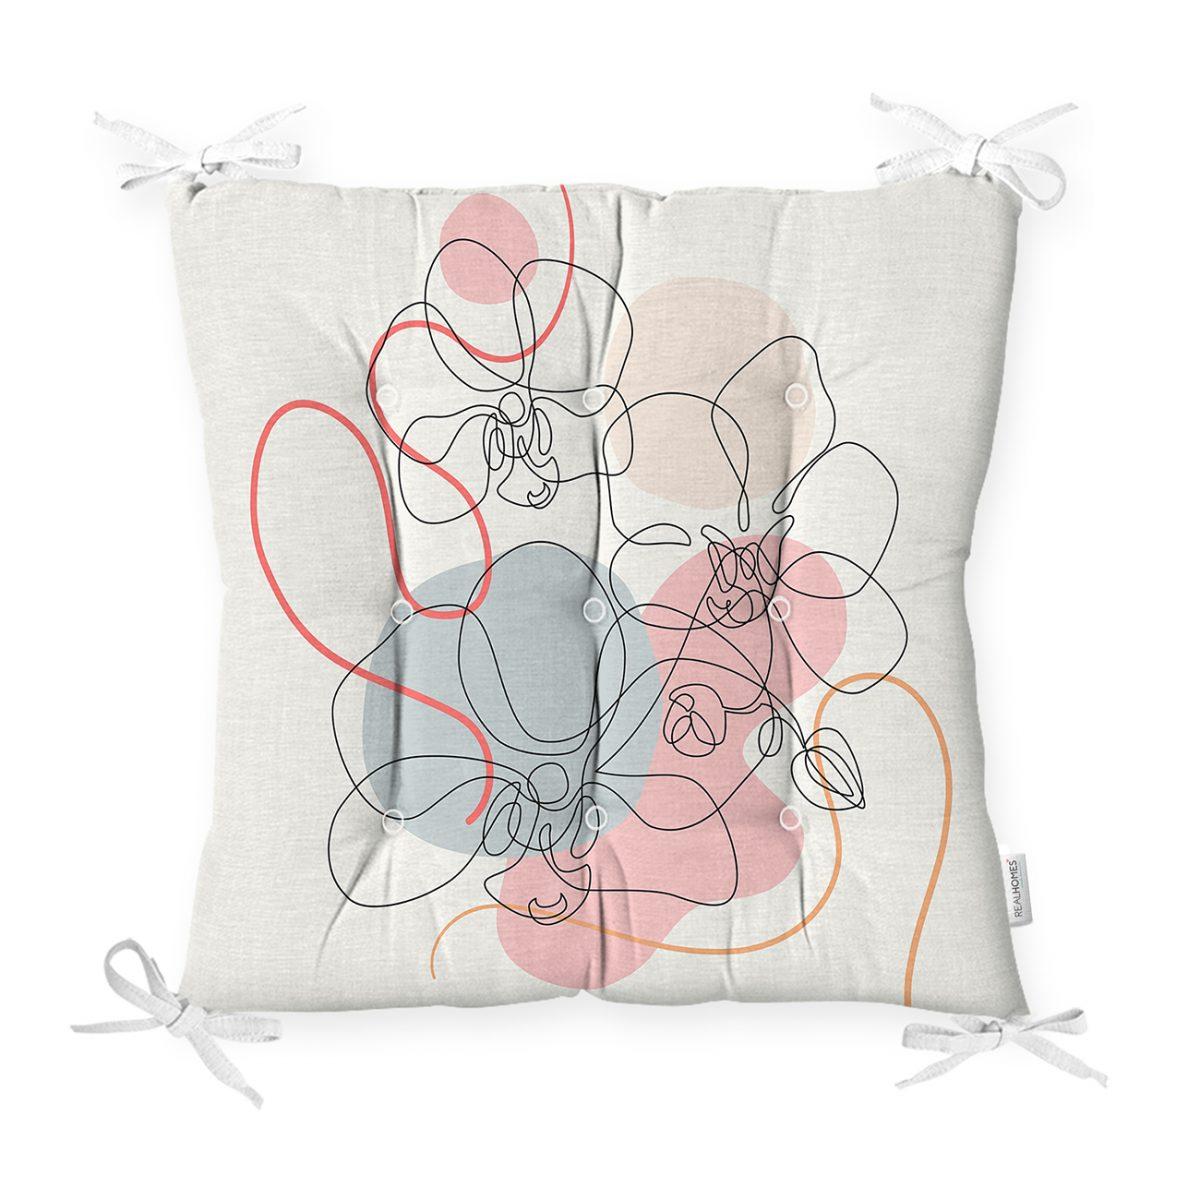 Kırmızı Ve Turucu Şerit Temalı Çiçek Tasrımlı Dekoratif Pofidik Sandalye Minderi Realhomes